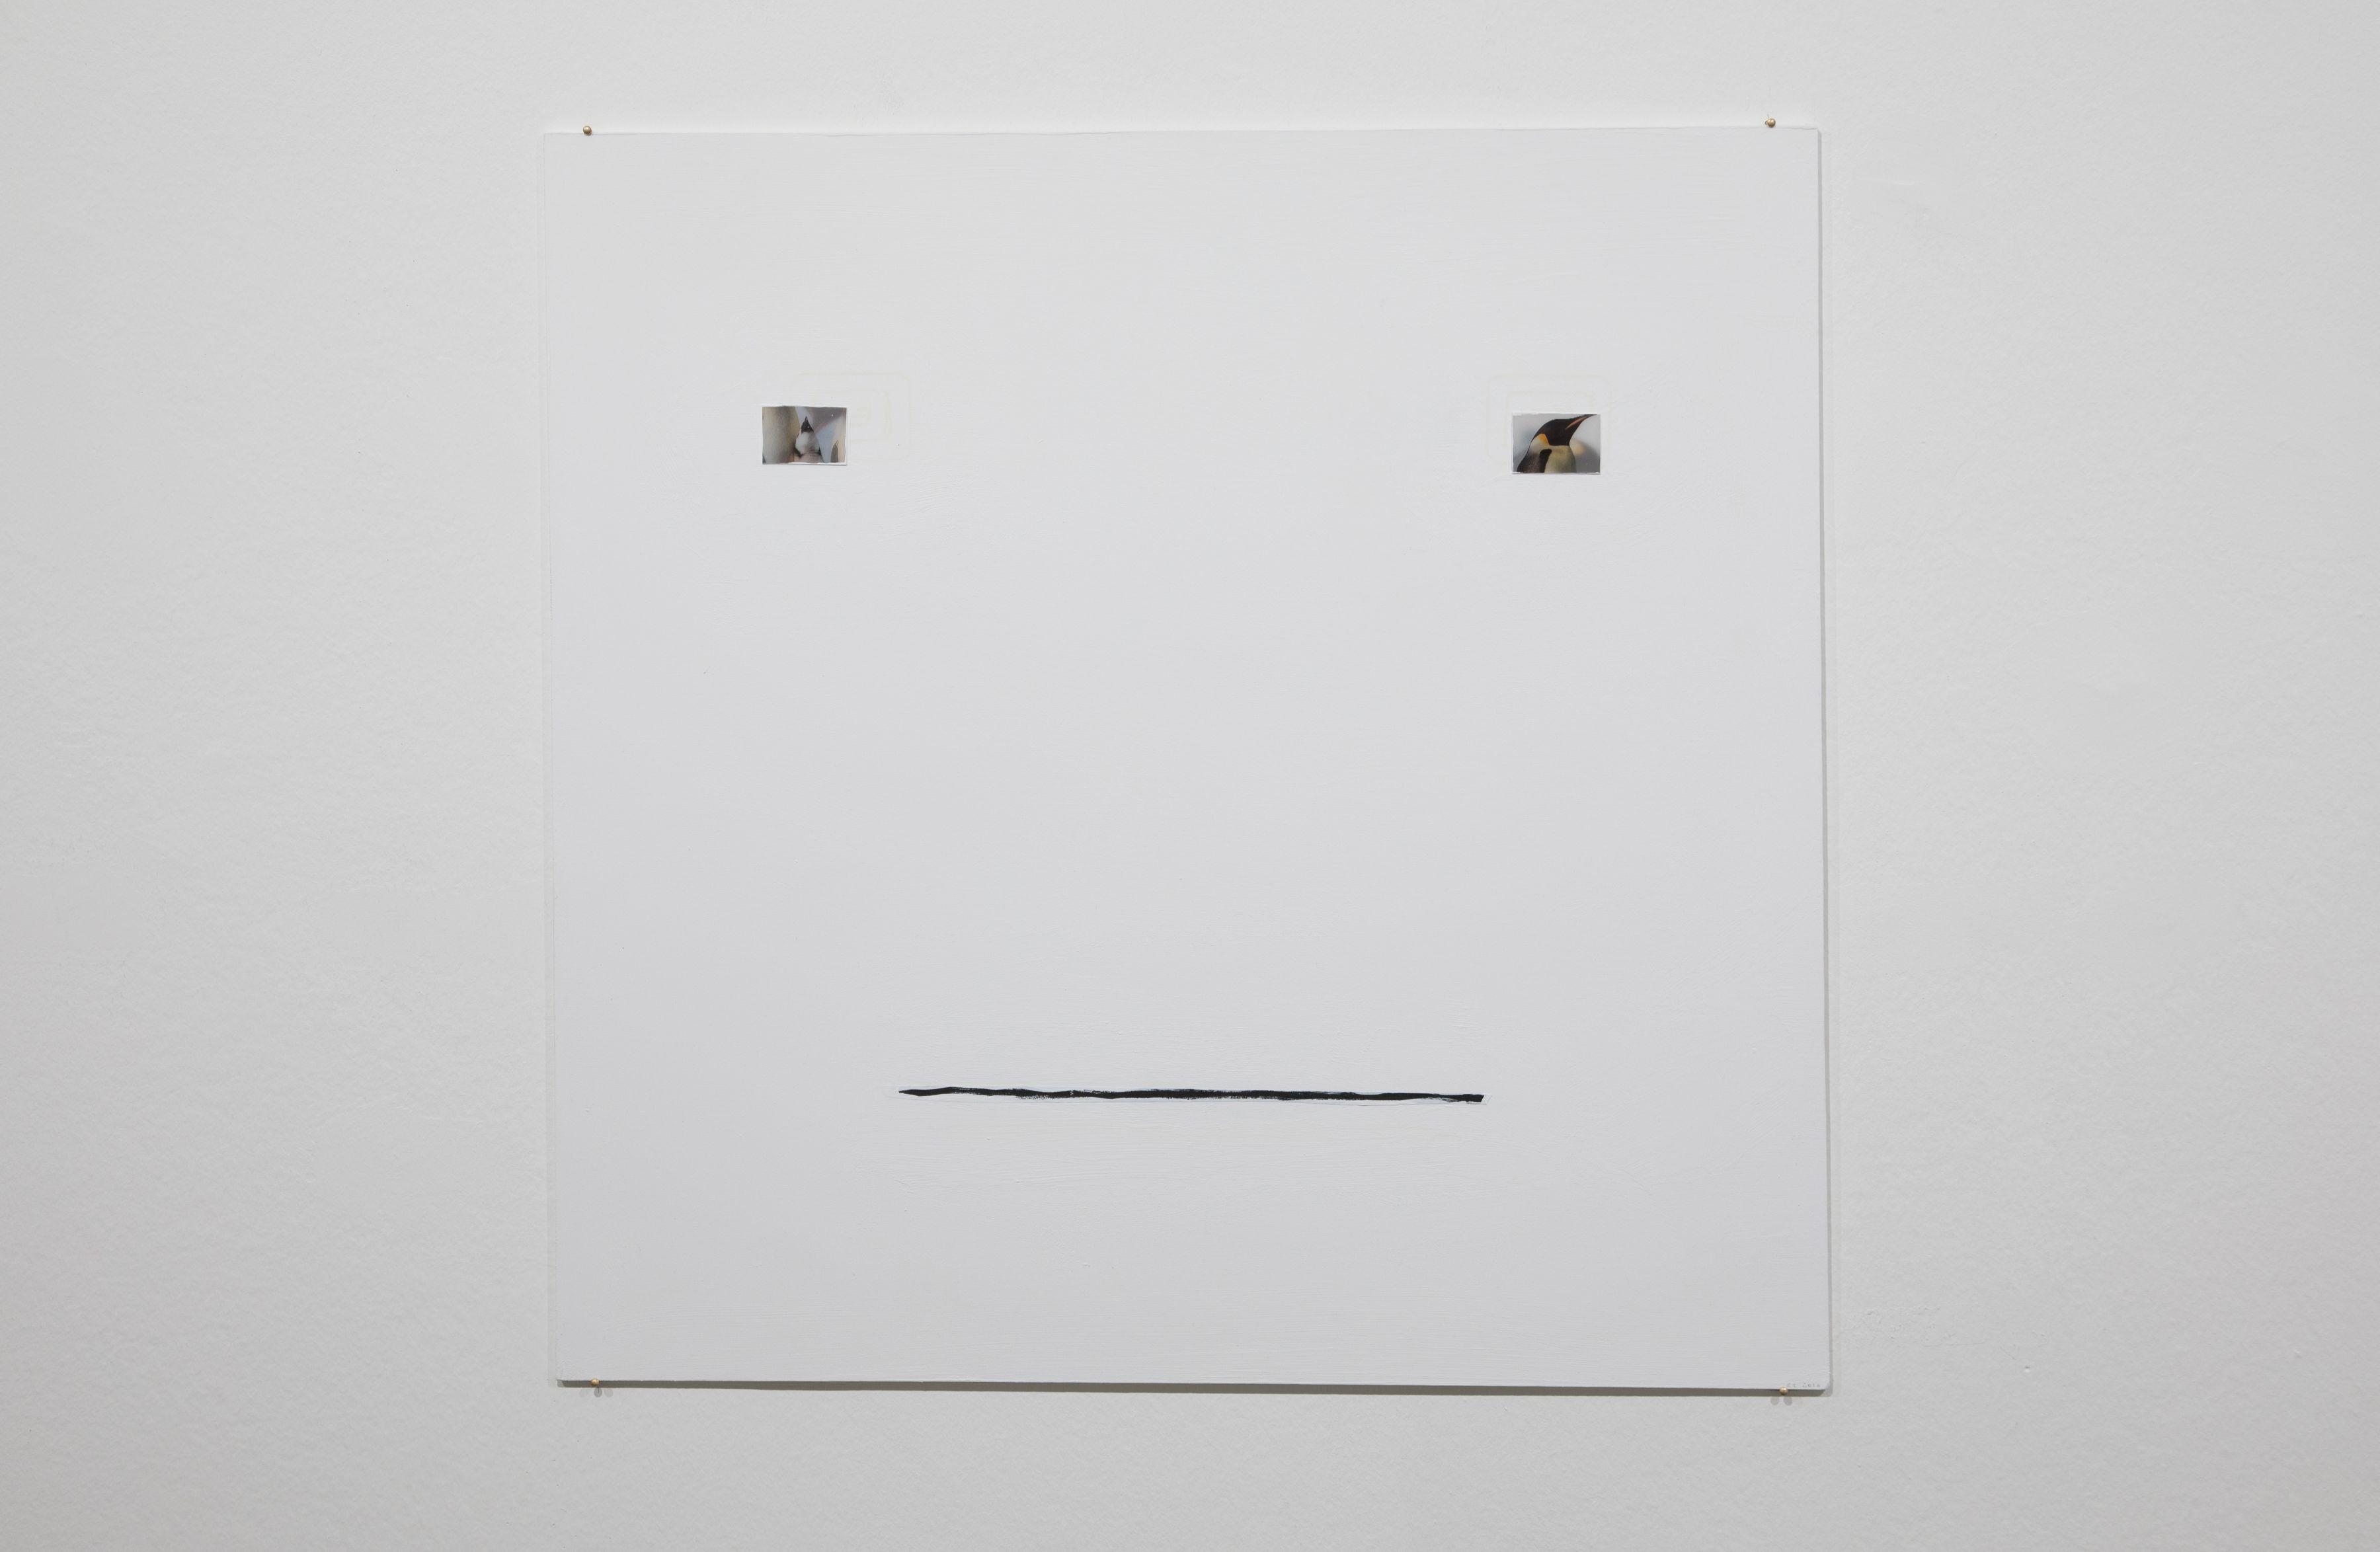 Very angenehme Konzeptkunst, MARTa Herford, Germany